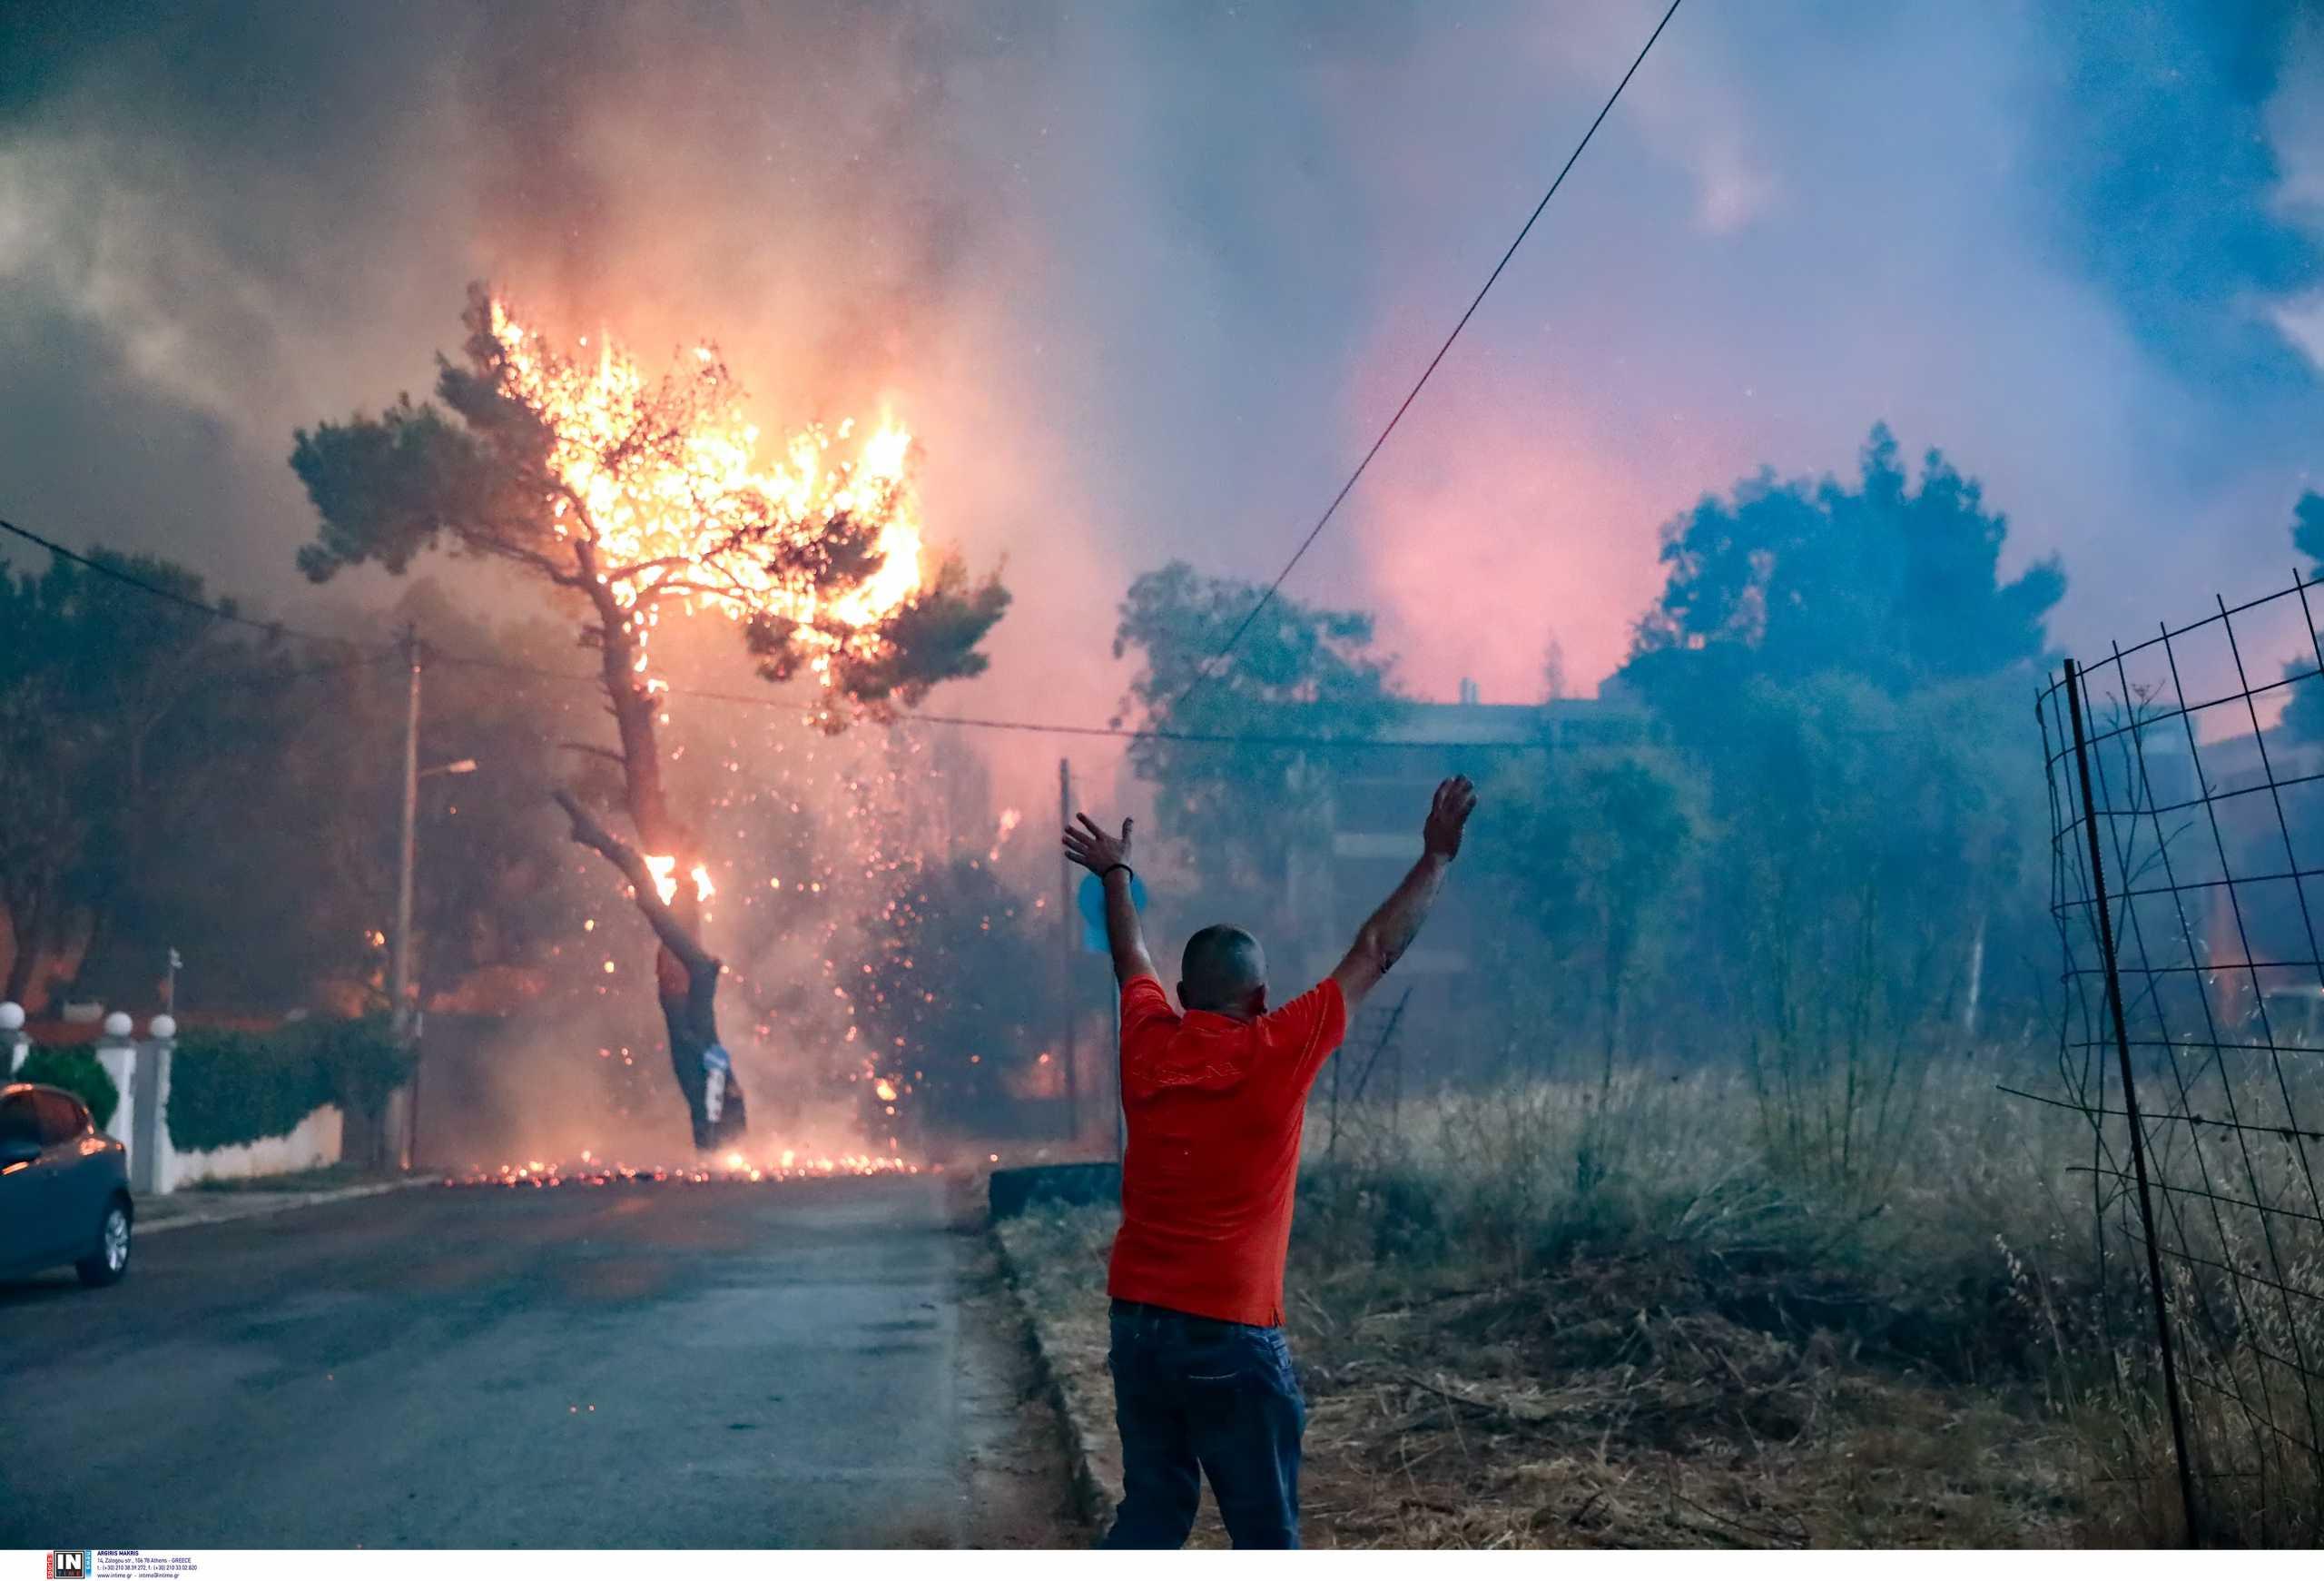 Η φωτιά στην Αττική είναι απόρροια του ακραίου καύσωνα λέει καθηγητής του ΑΠΘ